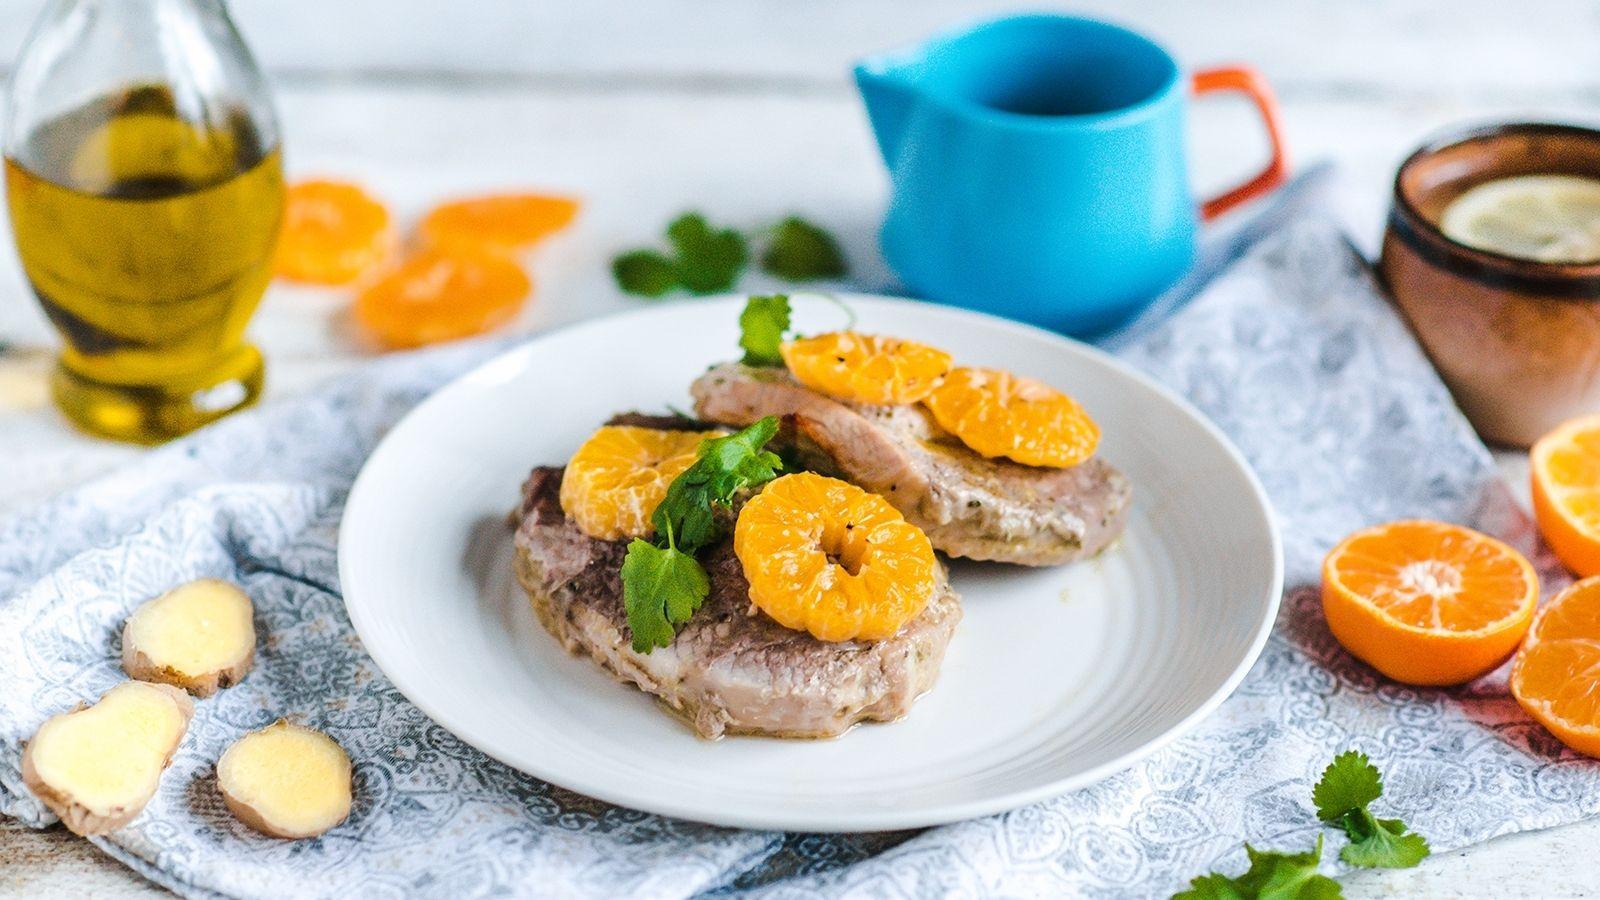 Szynka pieczona z mandarynkami, imbirem i rozmarynem